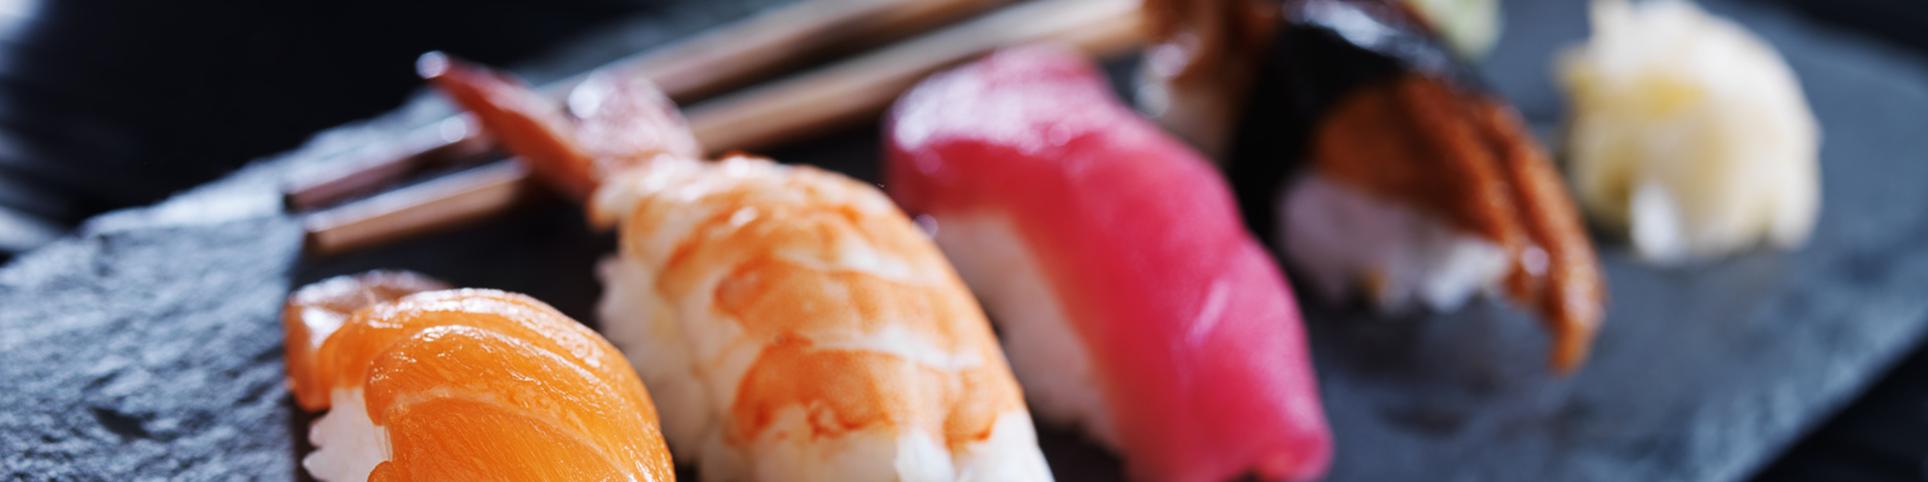 Restaurantes de sushi.